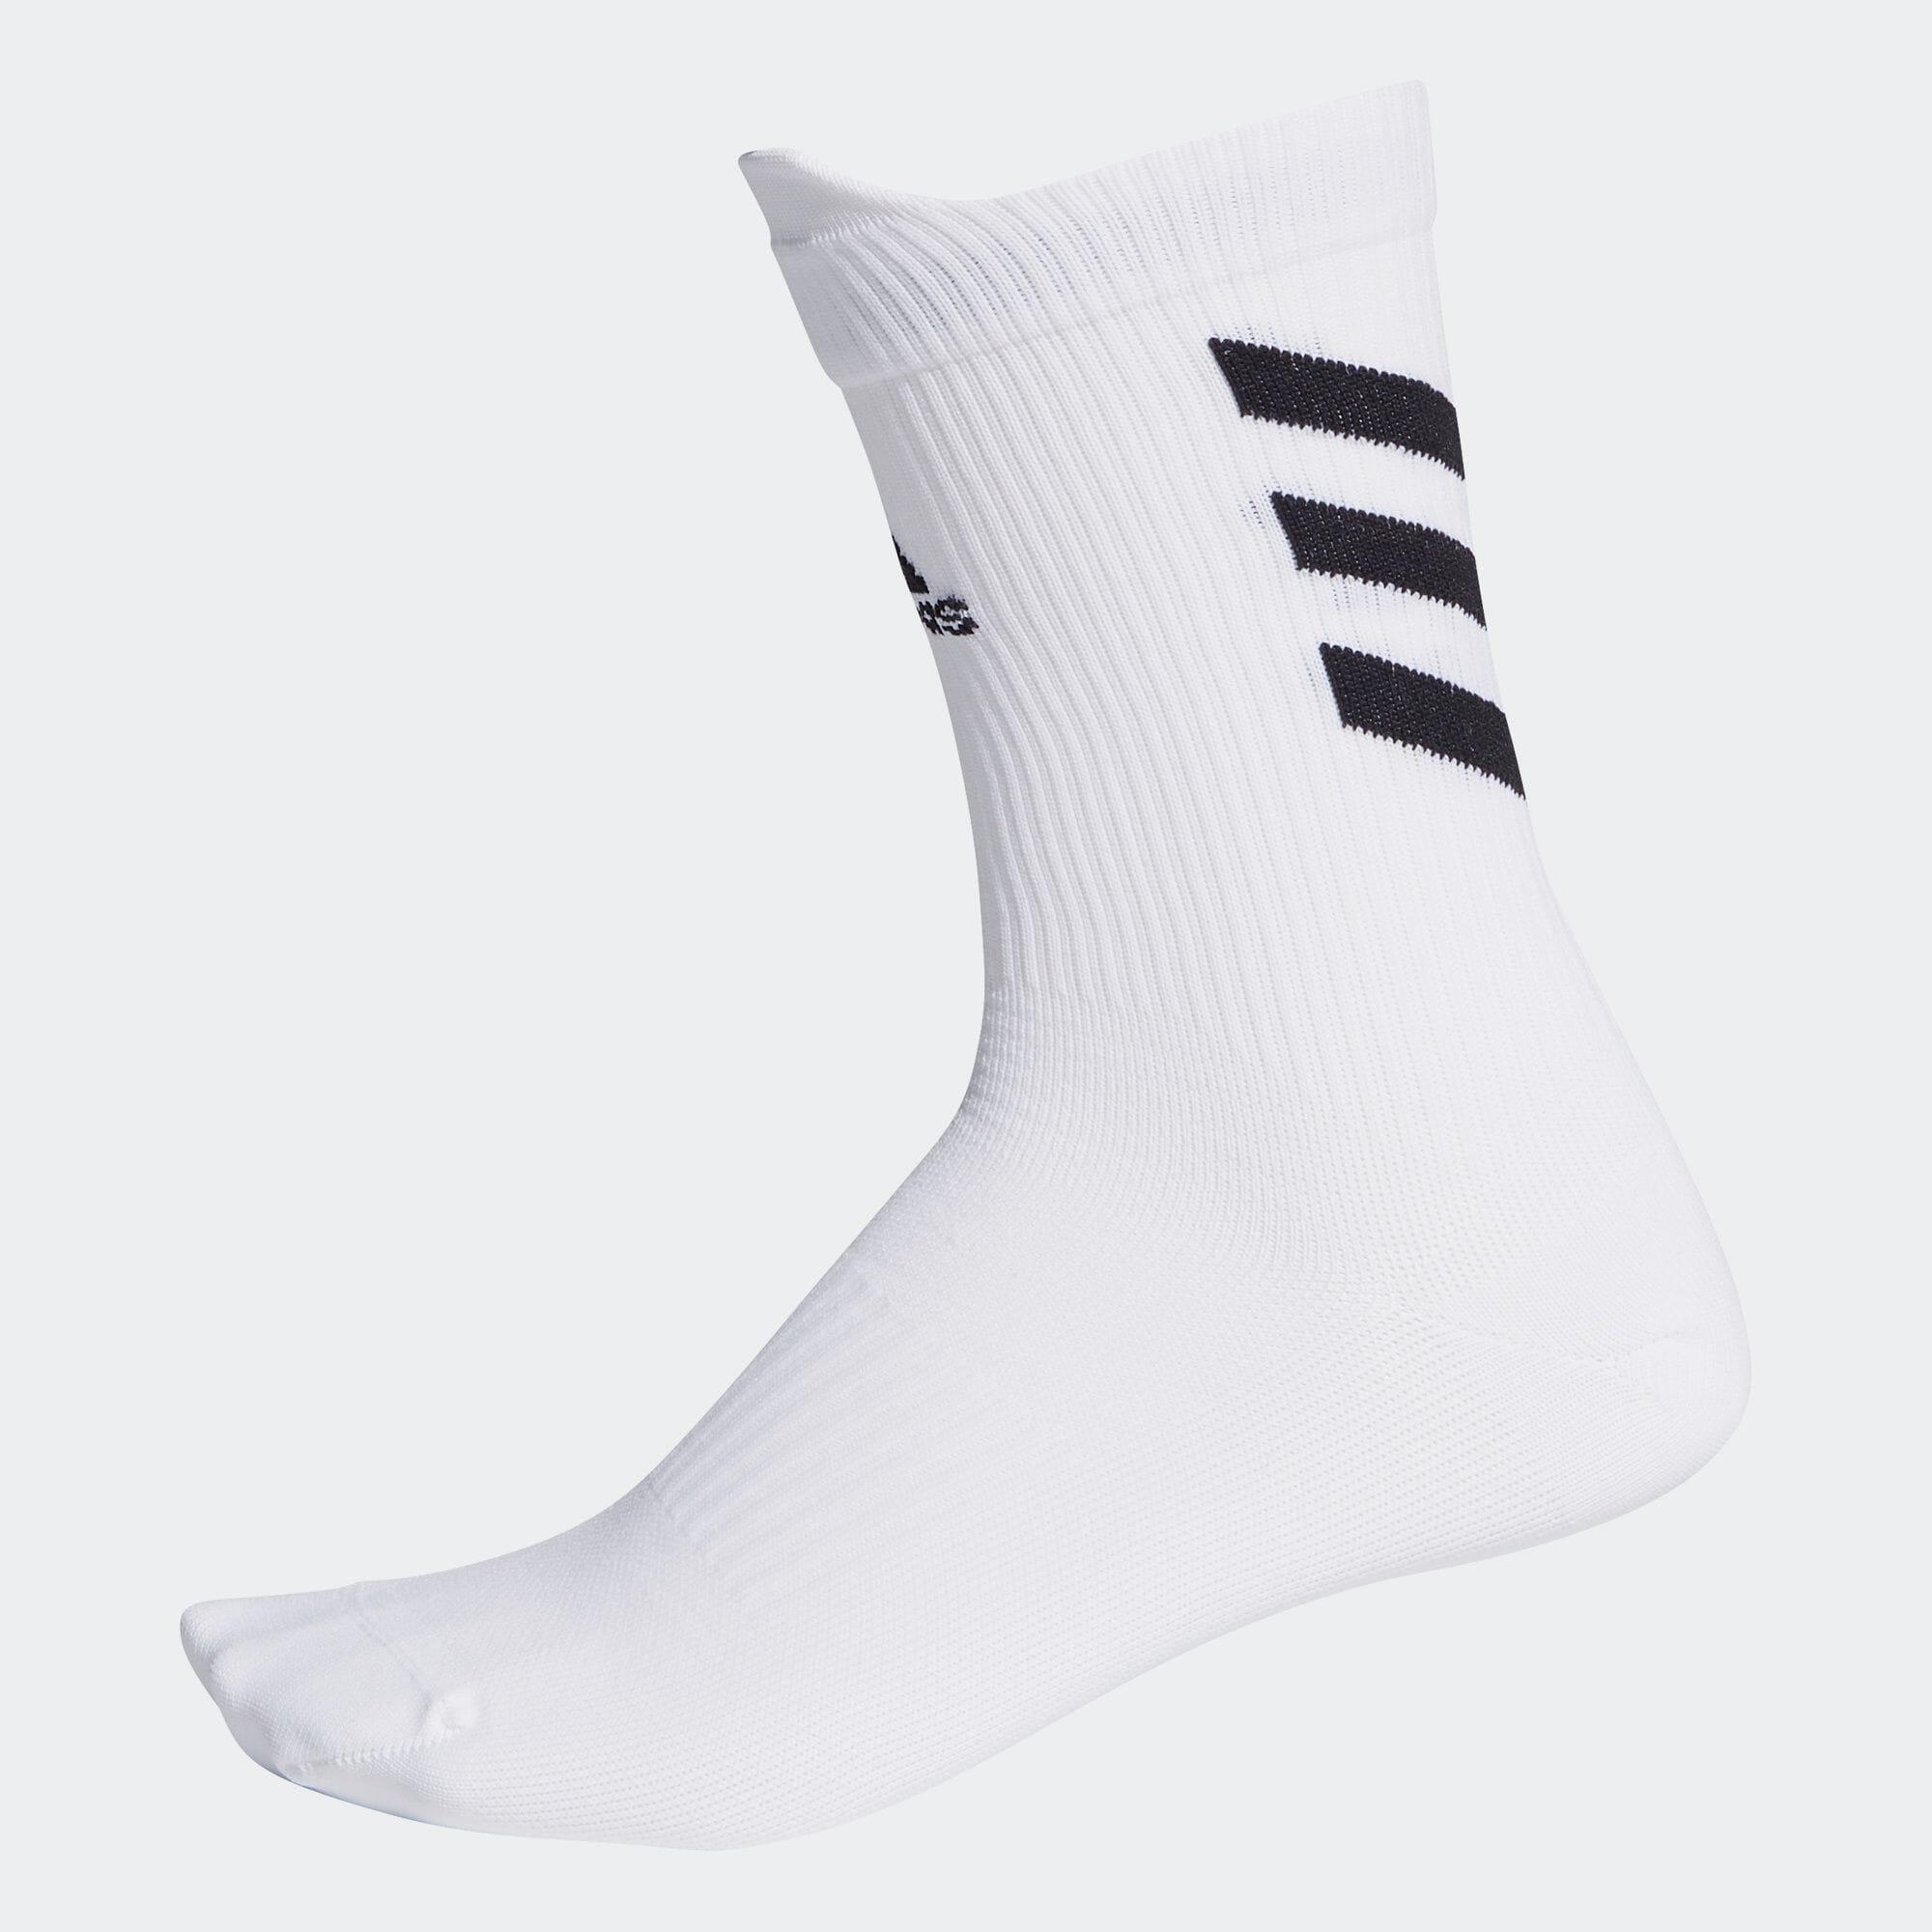 アルファスキン クルーソックス / Alphaskin Crew Socks